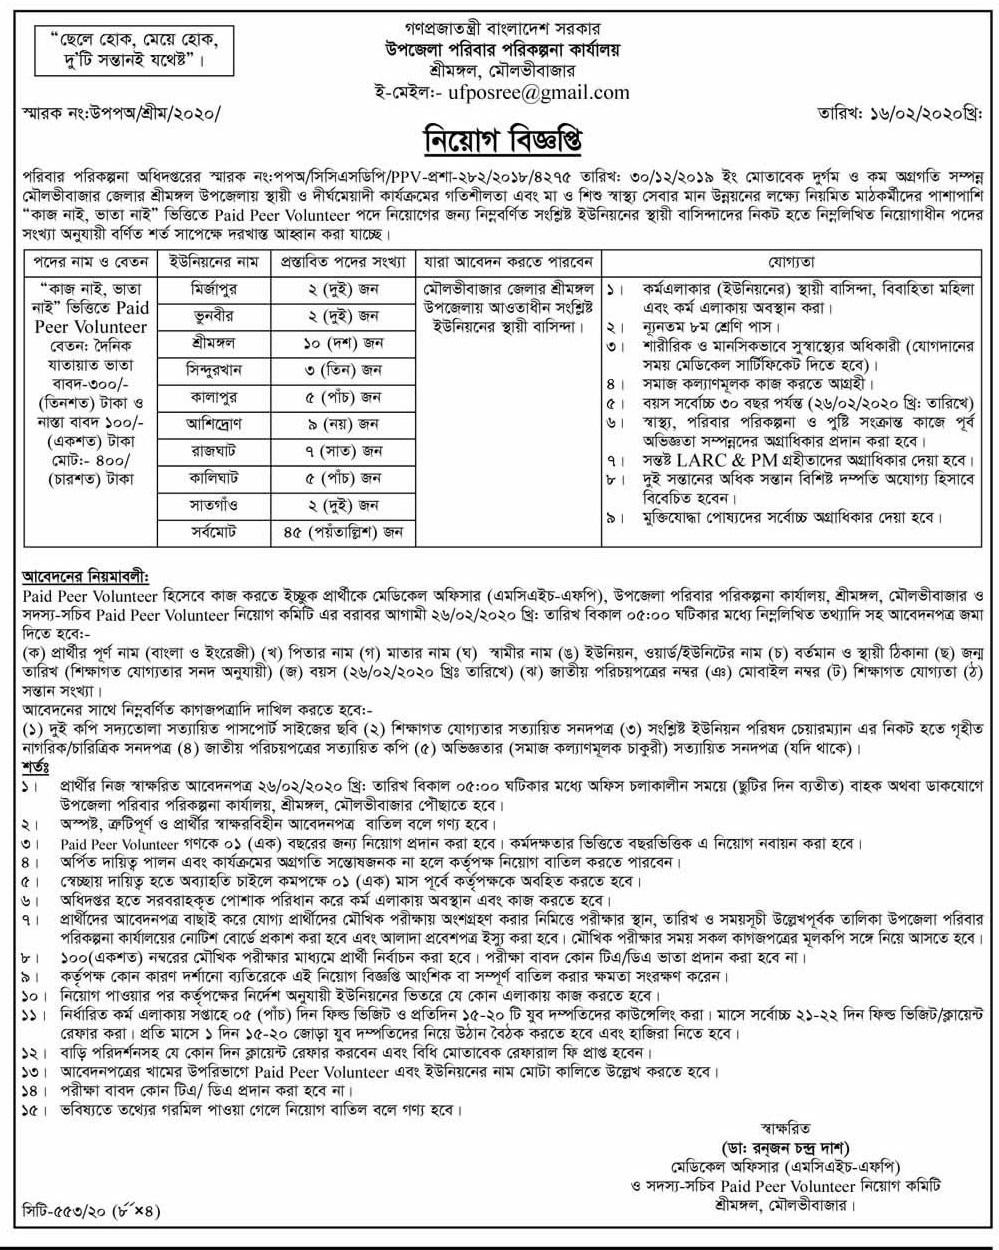 পরিবার পরিকল্পনা অধিদপ্তরের চাকরি নিয়োগ ২০২০-Directorate General of Family Planning Job Circular 2020